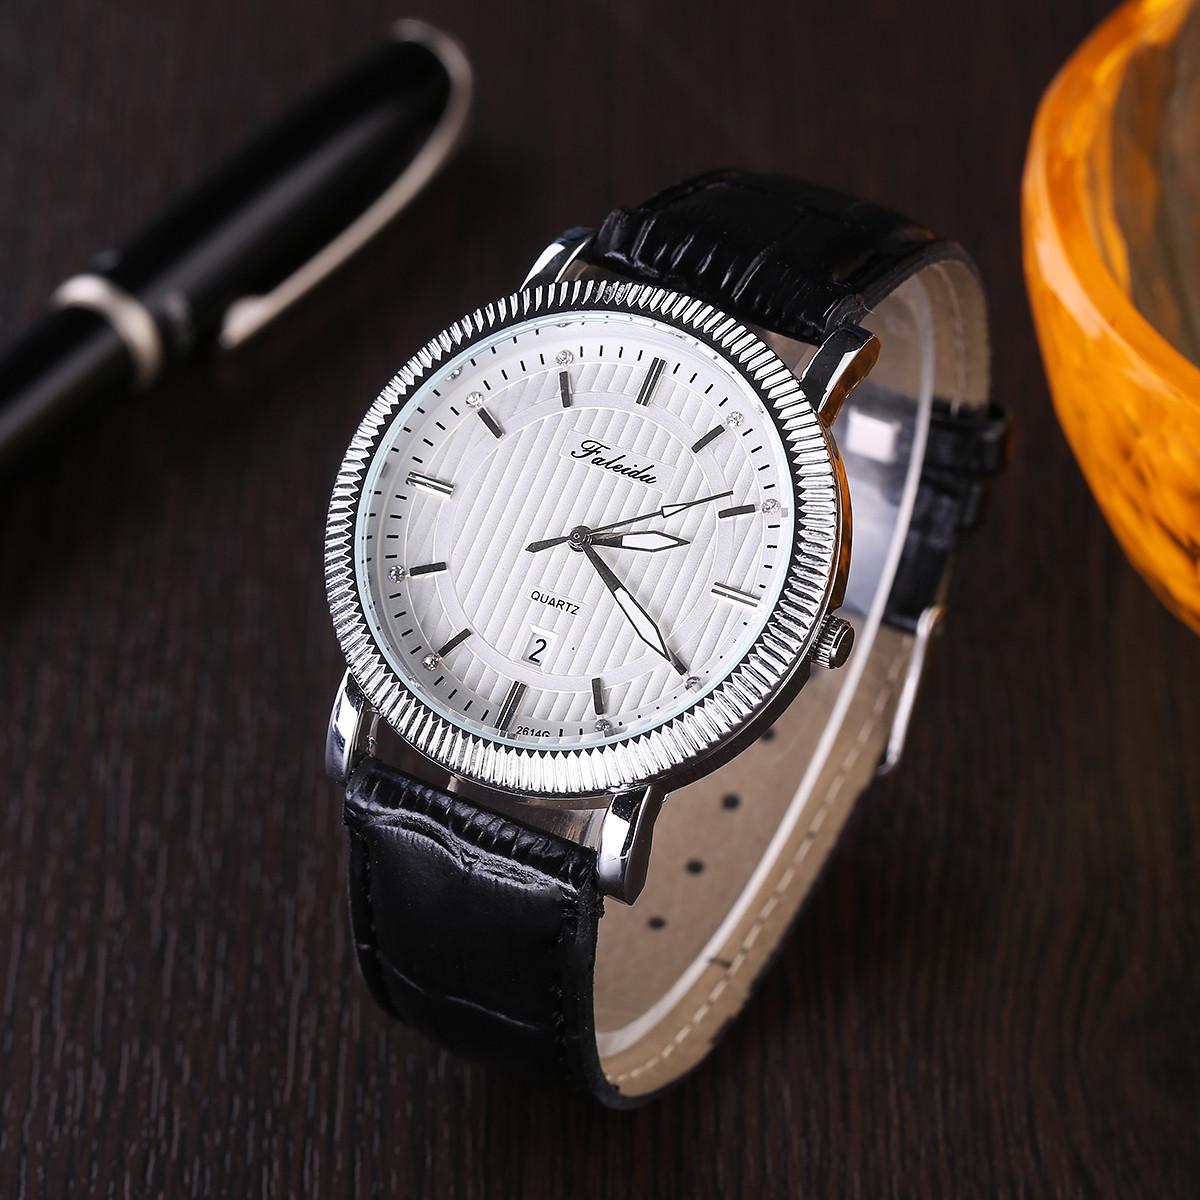 Мужские кварцевые часы «Faleidu» в деловом стиле с красивым серебристым корпусом и чёрным ремешком купить. Цена 330 грн